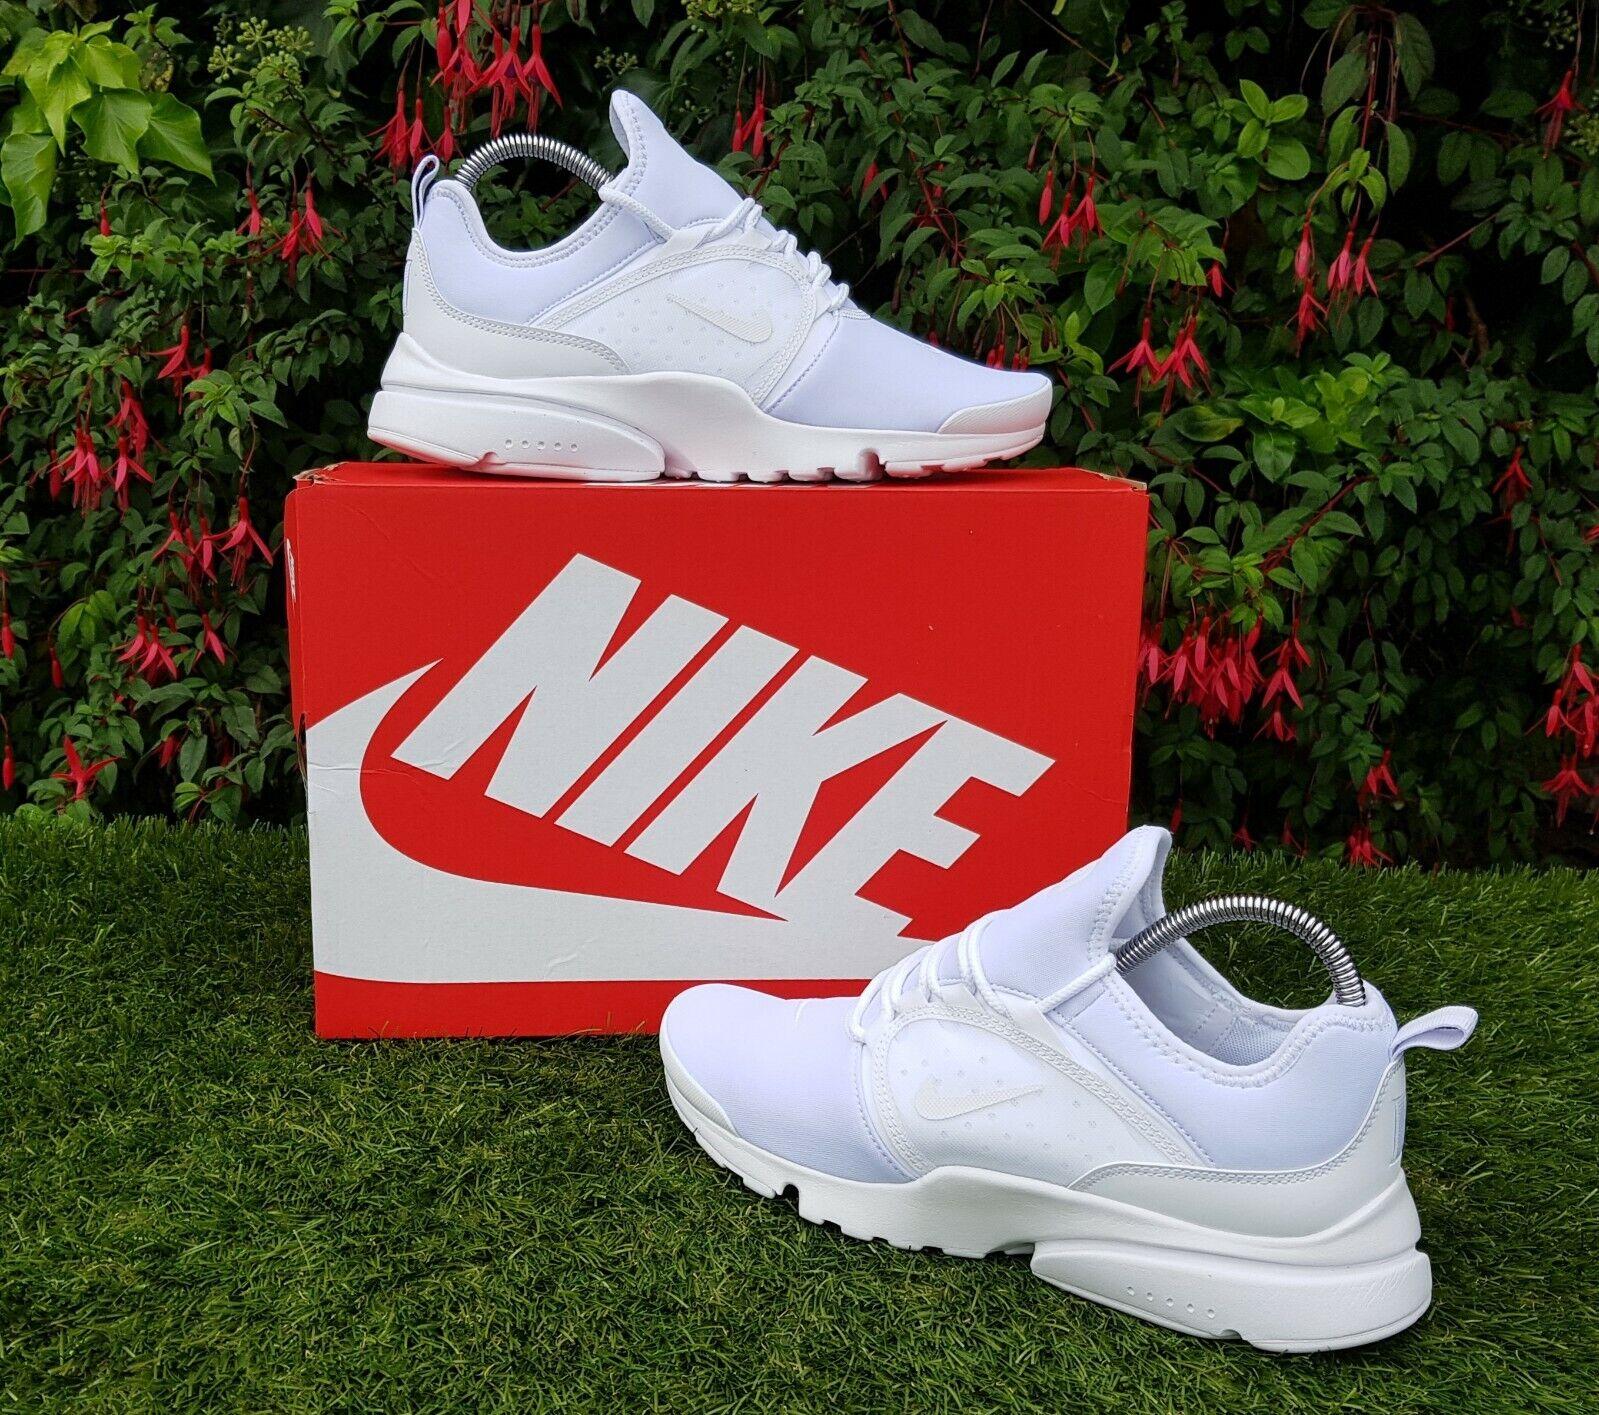 BNWB & Genuine Nike ® Presto Fly World in Triple Weiß Trainers UK Größe 7 EU 41